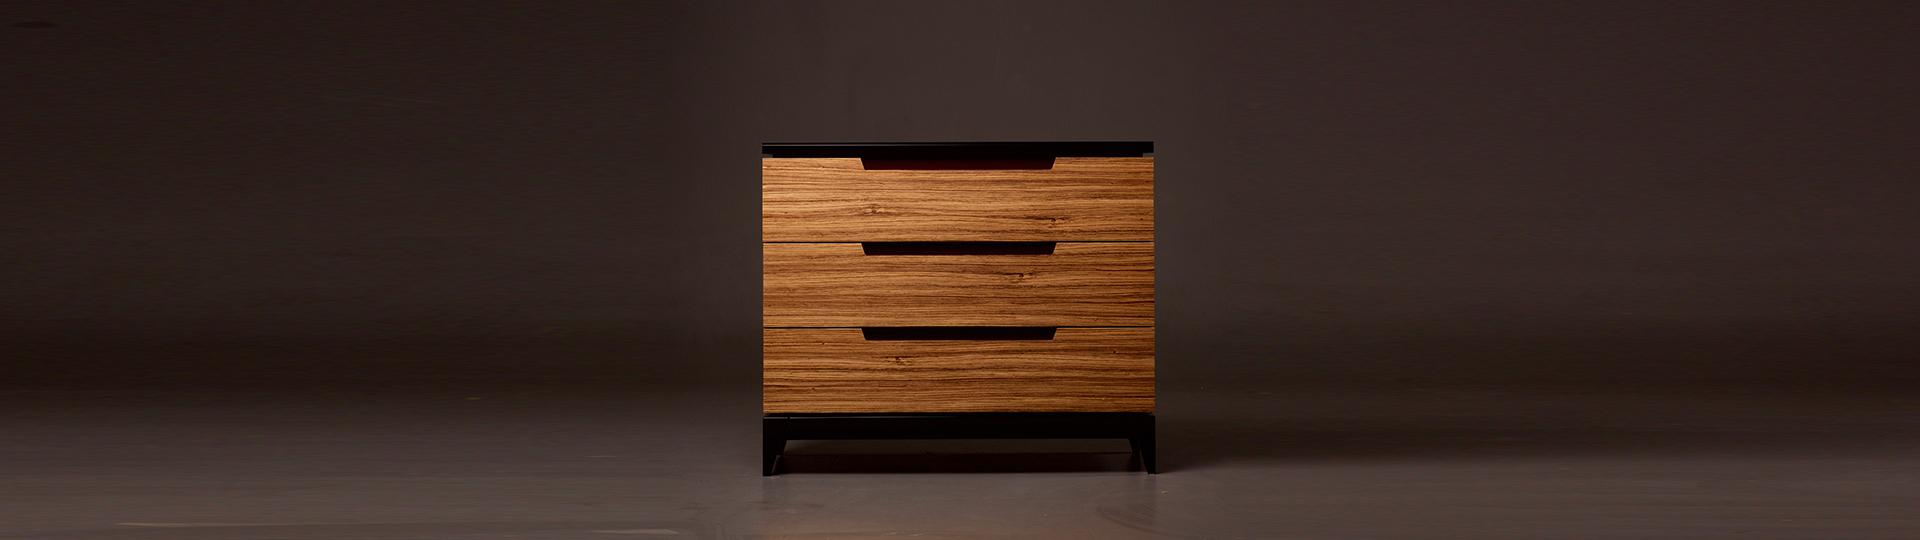 <p>Тумба из классической коллекции мебели нашего производства. Коллекция разрабатывалась для создания стиля конкретного объекта по заказу дизайнера. Кроме собственно тумбы, разработались и другие элементы мебели: кровать, комод, витрина, шкаф. Вот дизайнерская задумка. Все это наши мастера выполнили на очень высоком уровне и в до сих пор очень часто заказывается другими [&hellip;]</p>